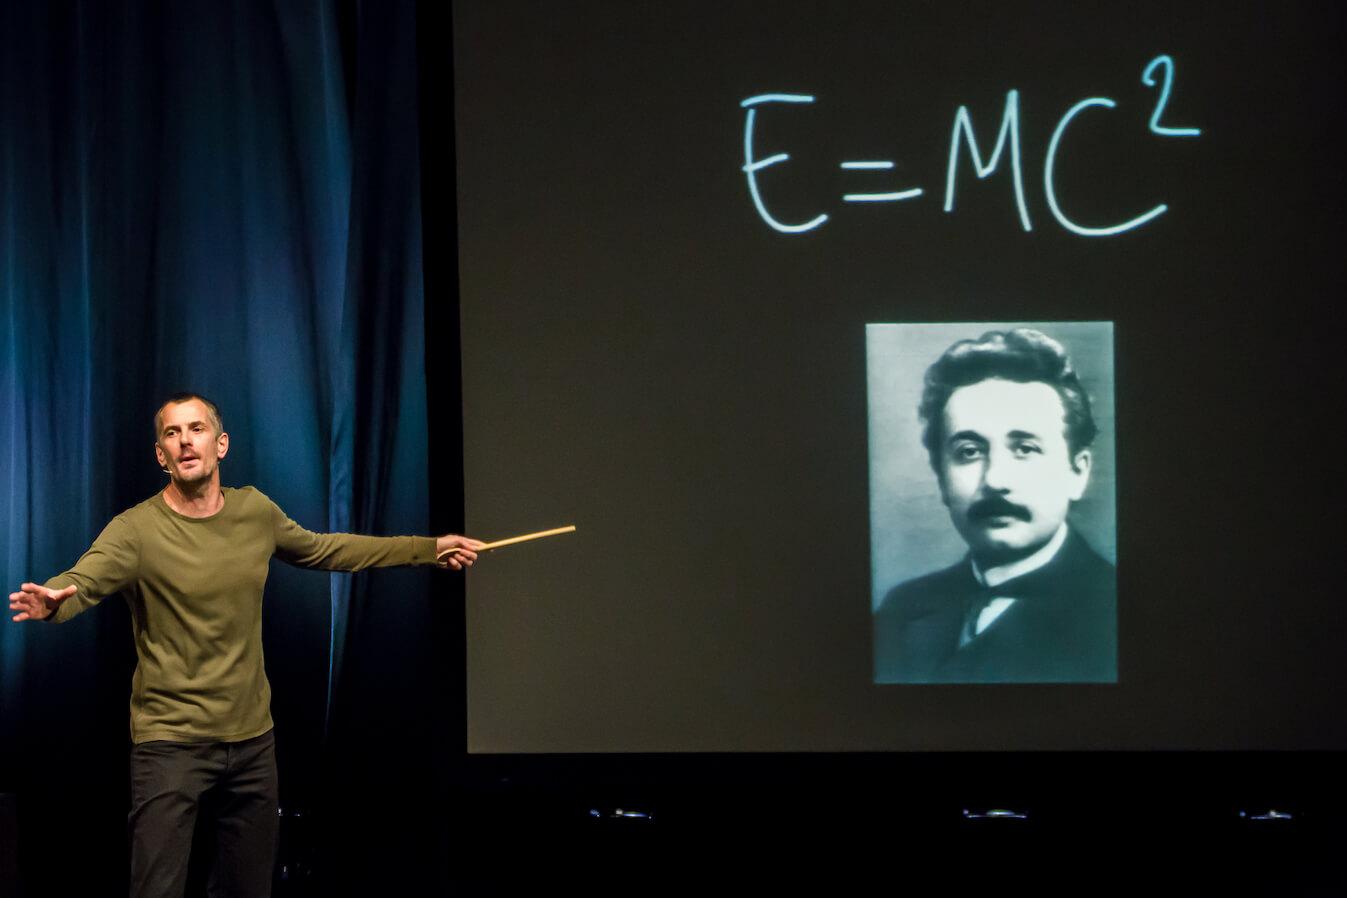 Basic Einstein David Guilbert 6.jpg